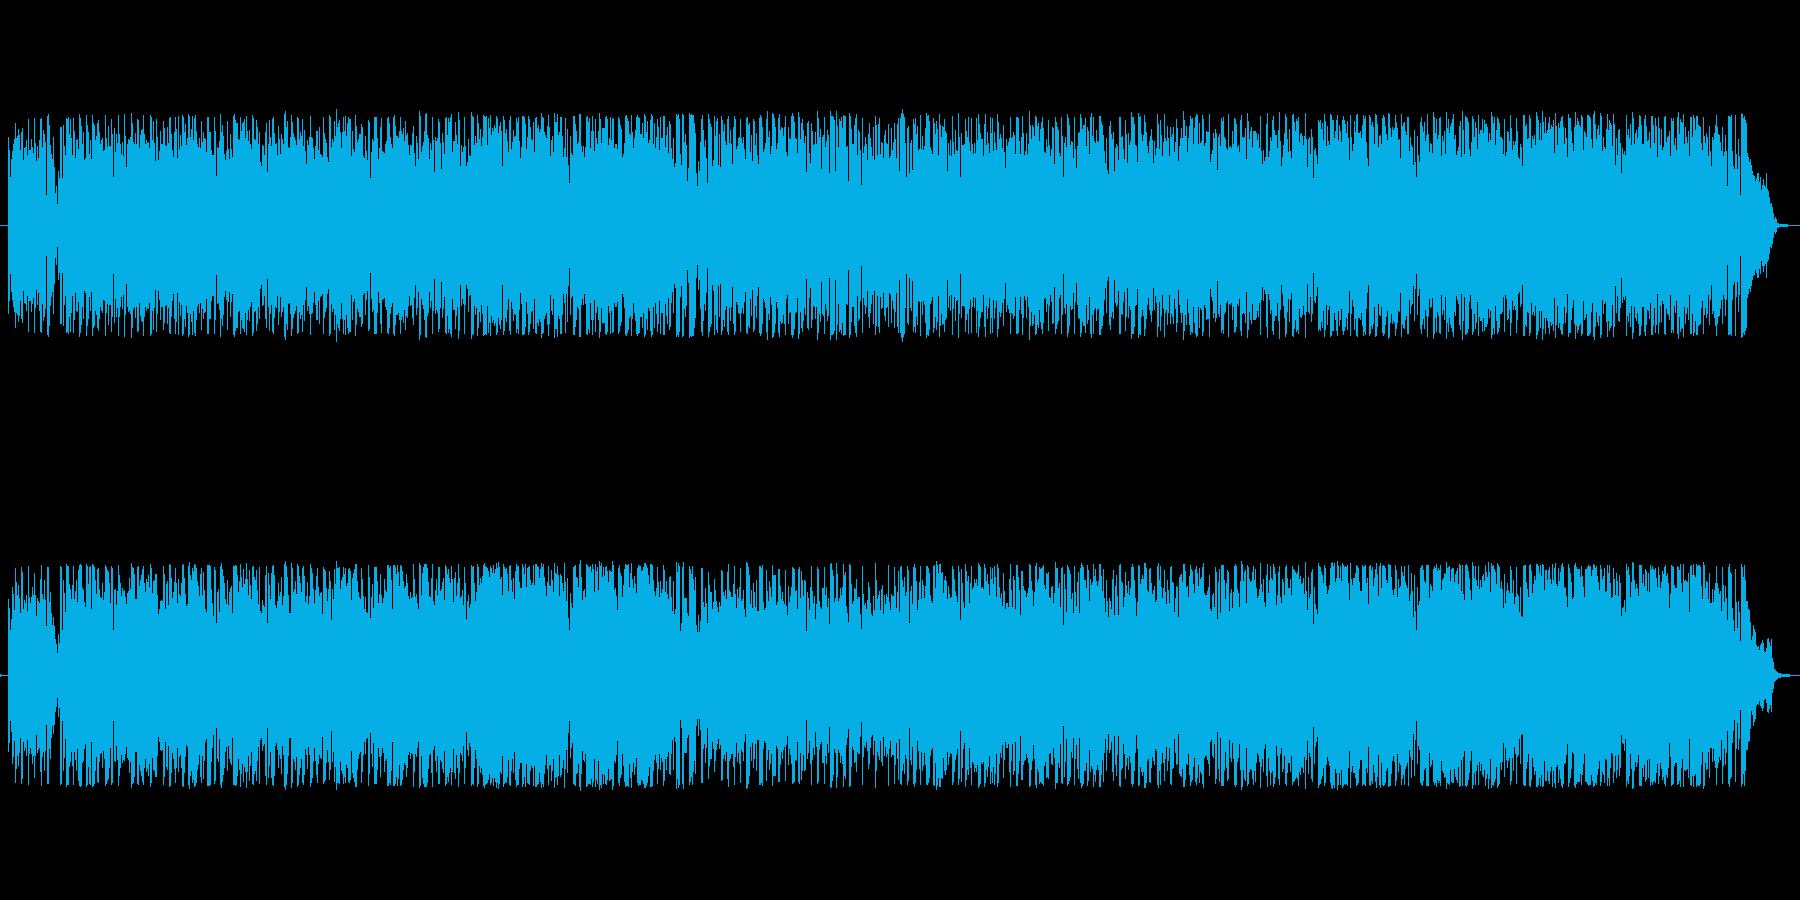 カントリー・ケルト風の軽快な曲の再生済みの波形